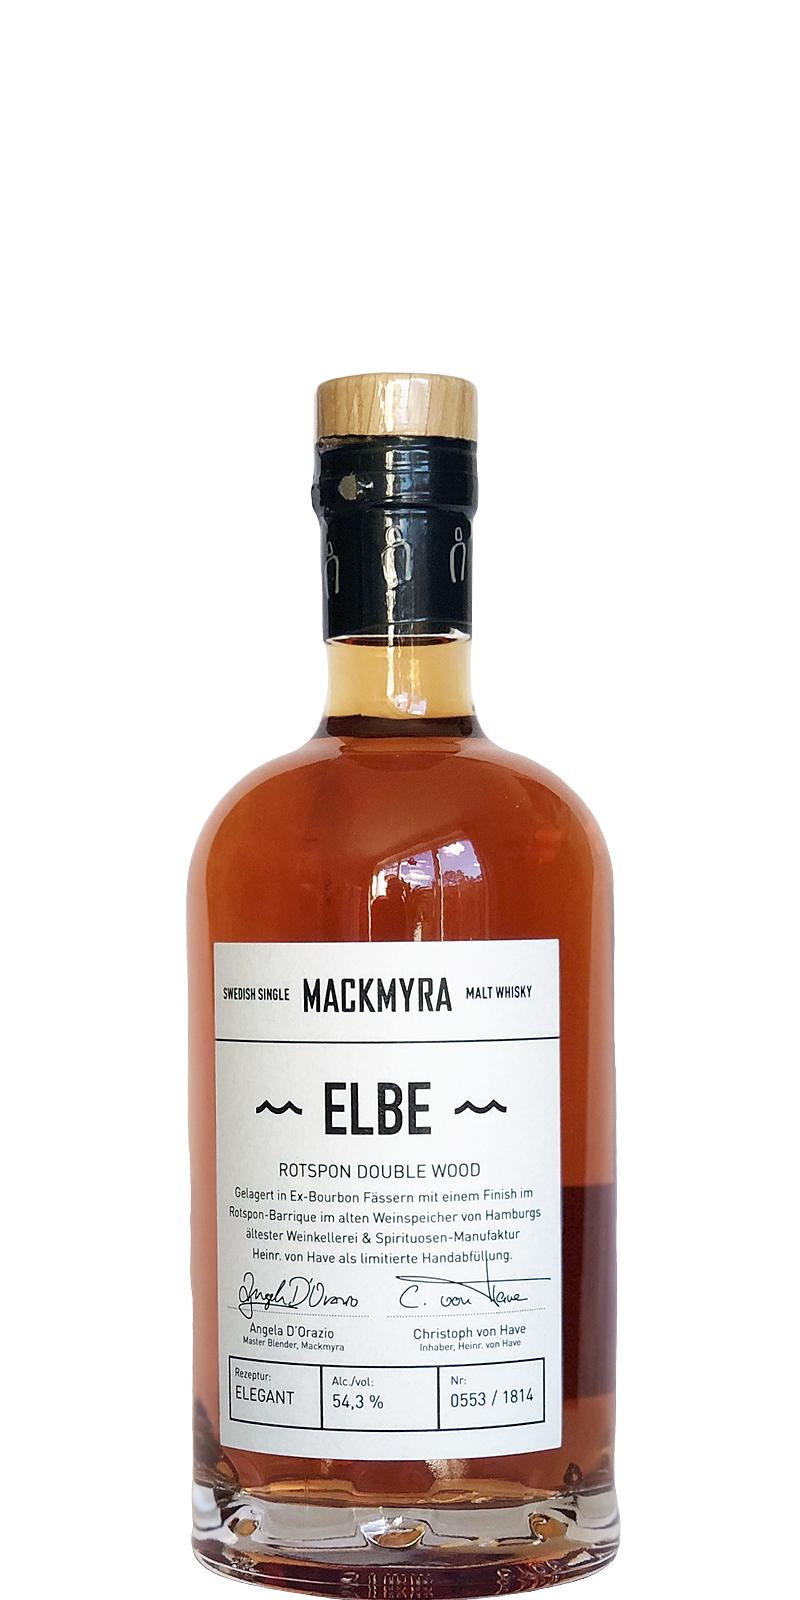 Mackmyra Elbe